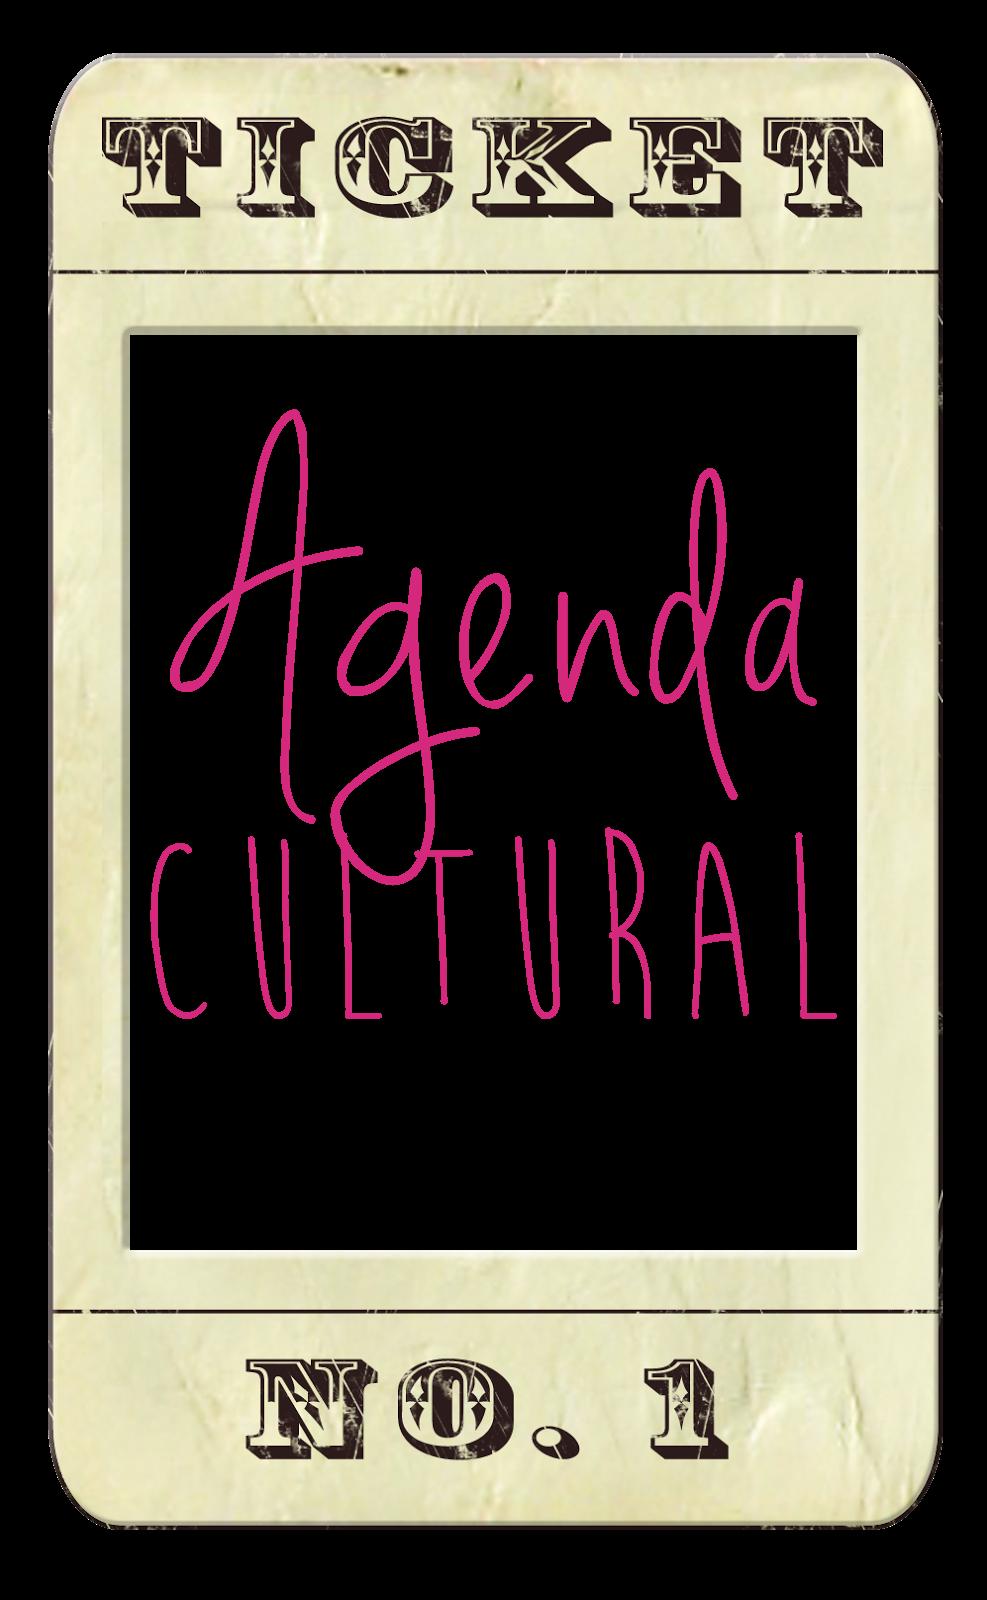 agenda cultural infantil curitiba 27/03 - 02/04 => blog Mamãe de Salto